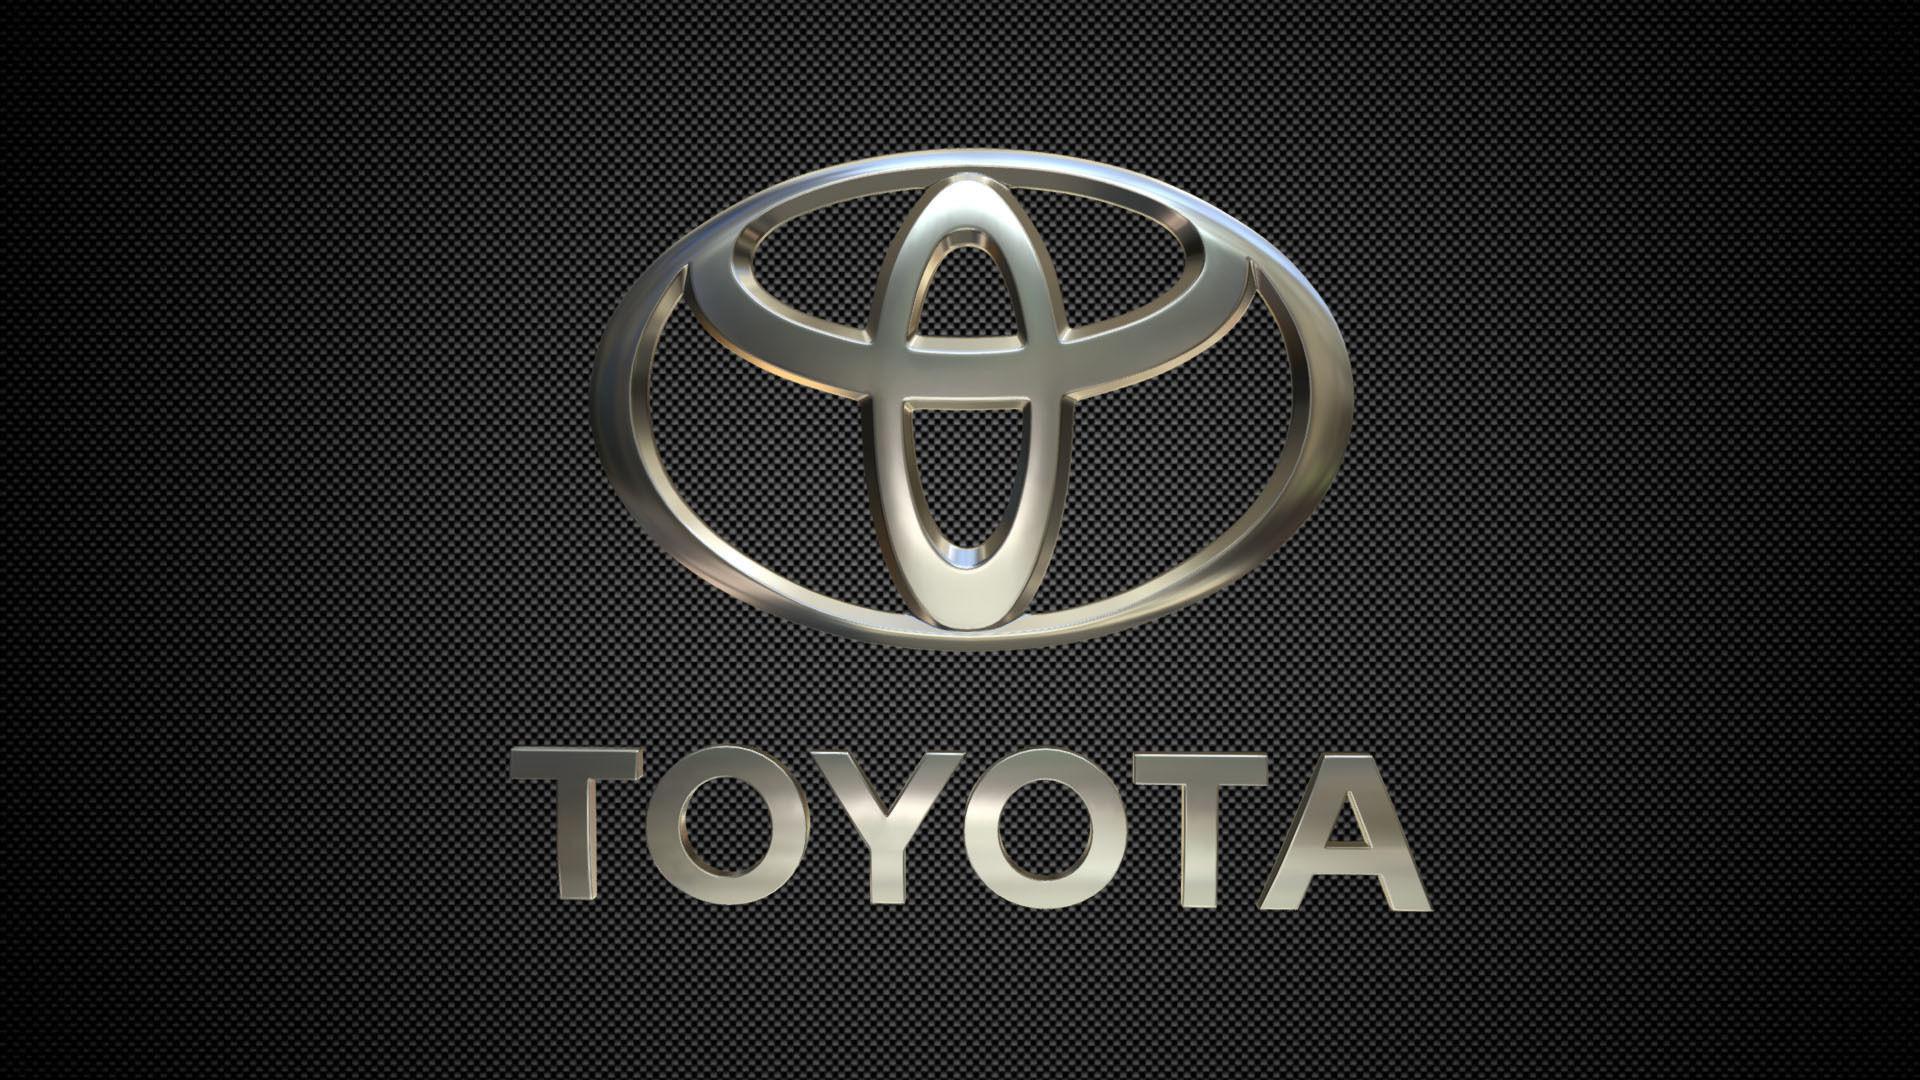 toyota logo 3d model obj 3ds fbx c4d lwo lw lws ma mb 1 …